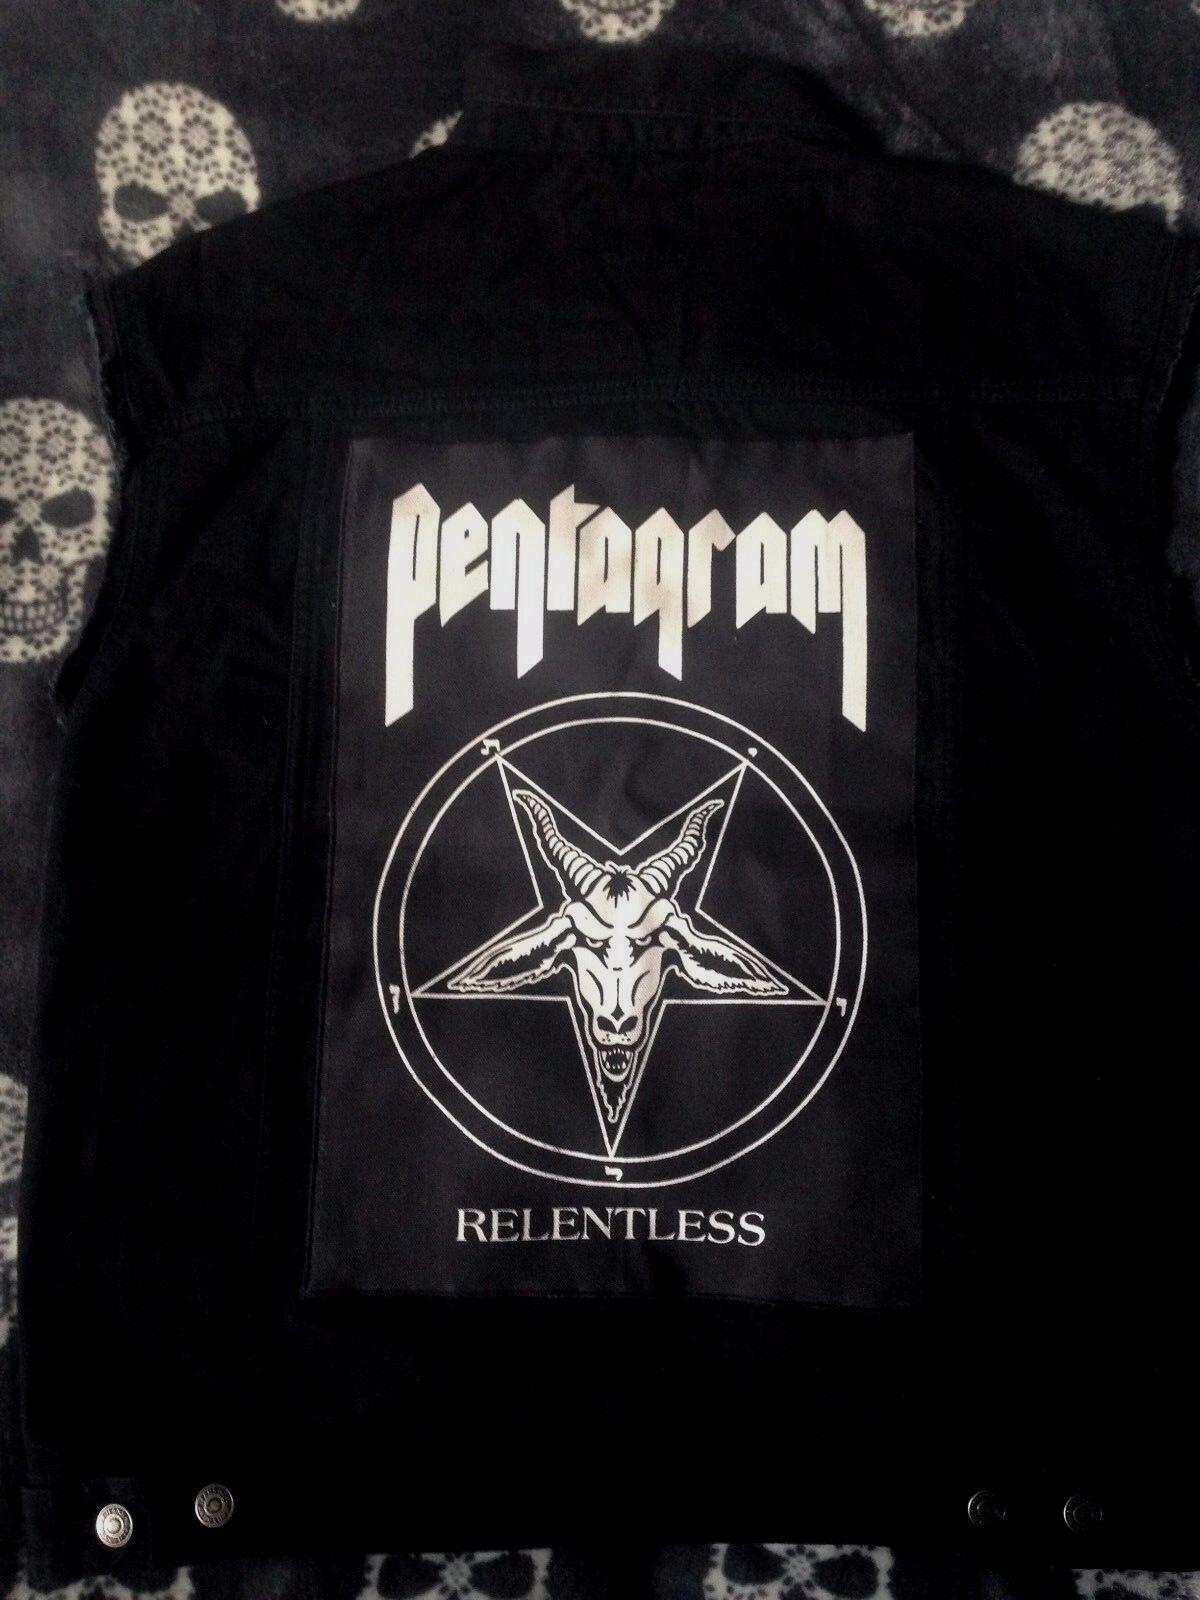 Pentagramme Sans Doom Metal Denim Cut-Off Sans Pentagramme Manches bataille Veste Gilet Vest S-4XL 9175ca